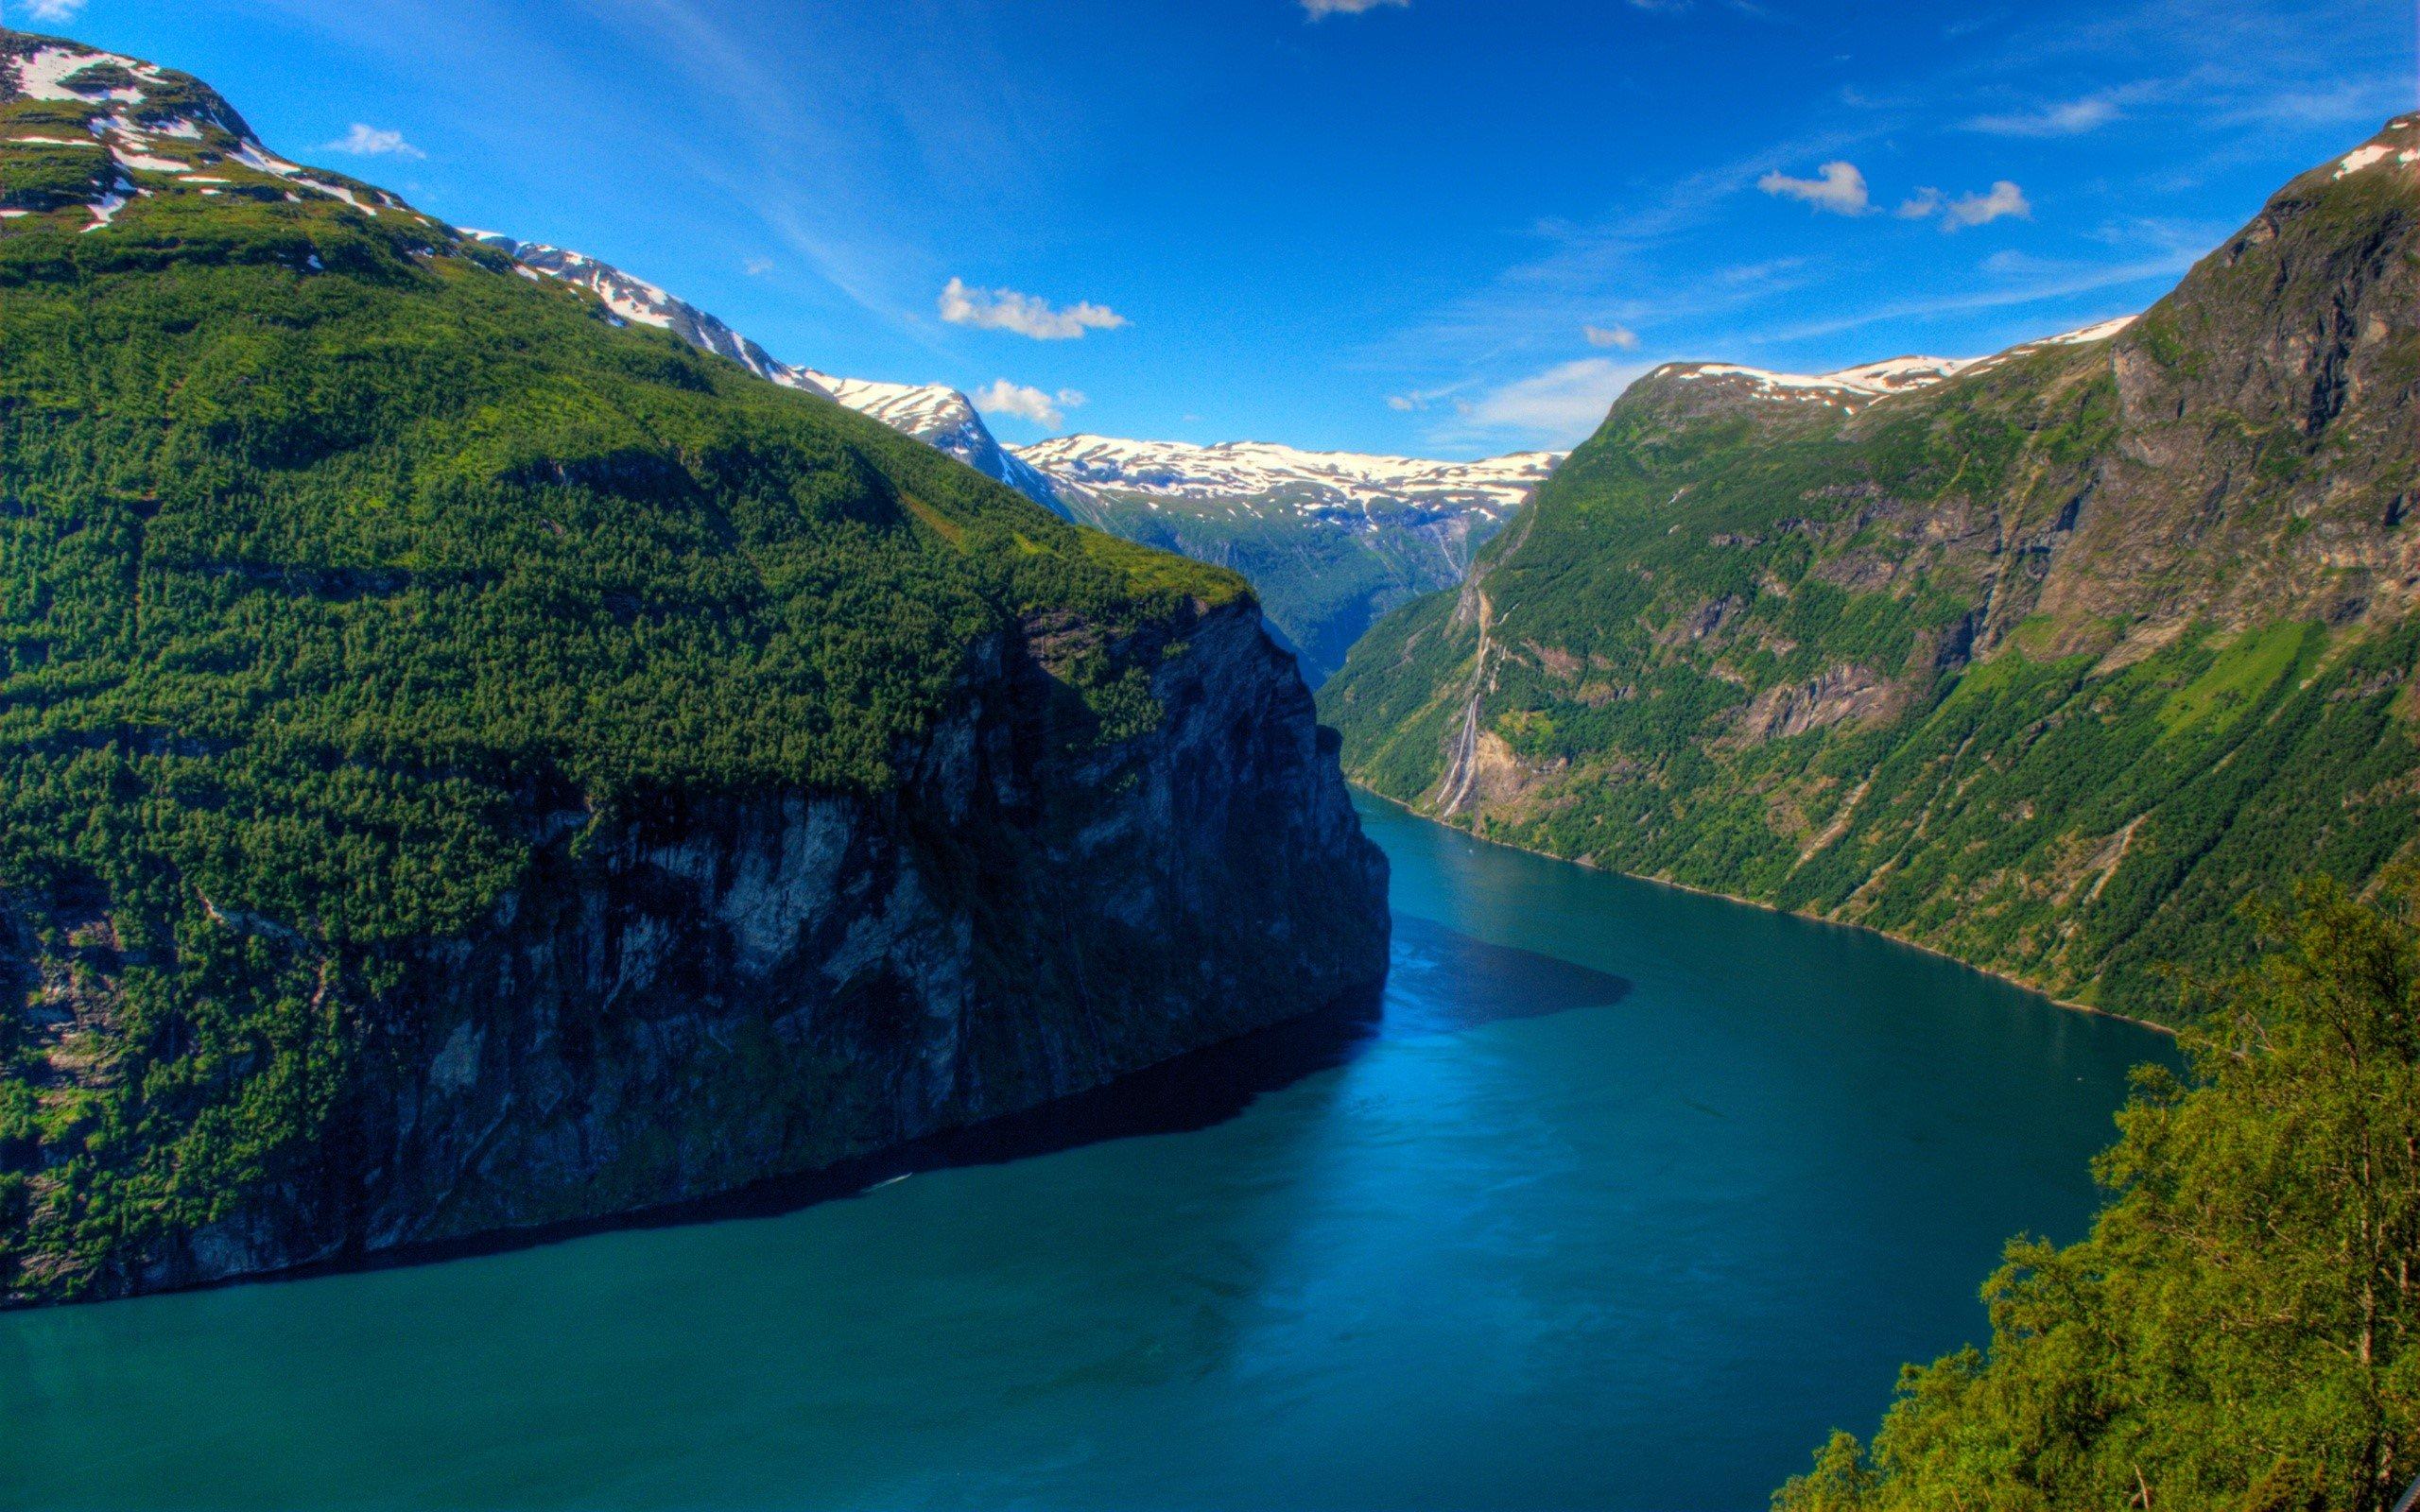 Wallpaper Geirangerfjord Fjord in Norway